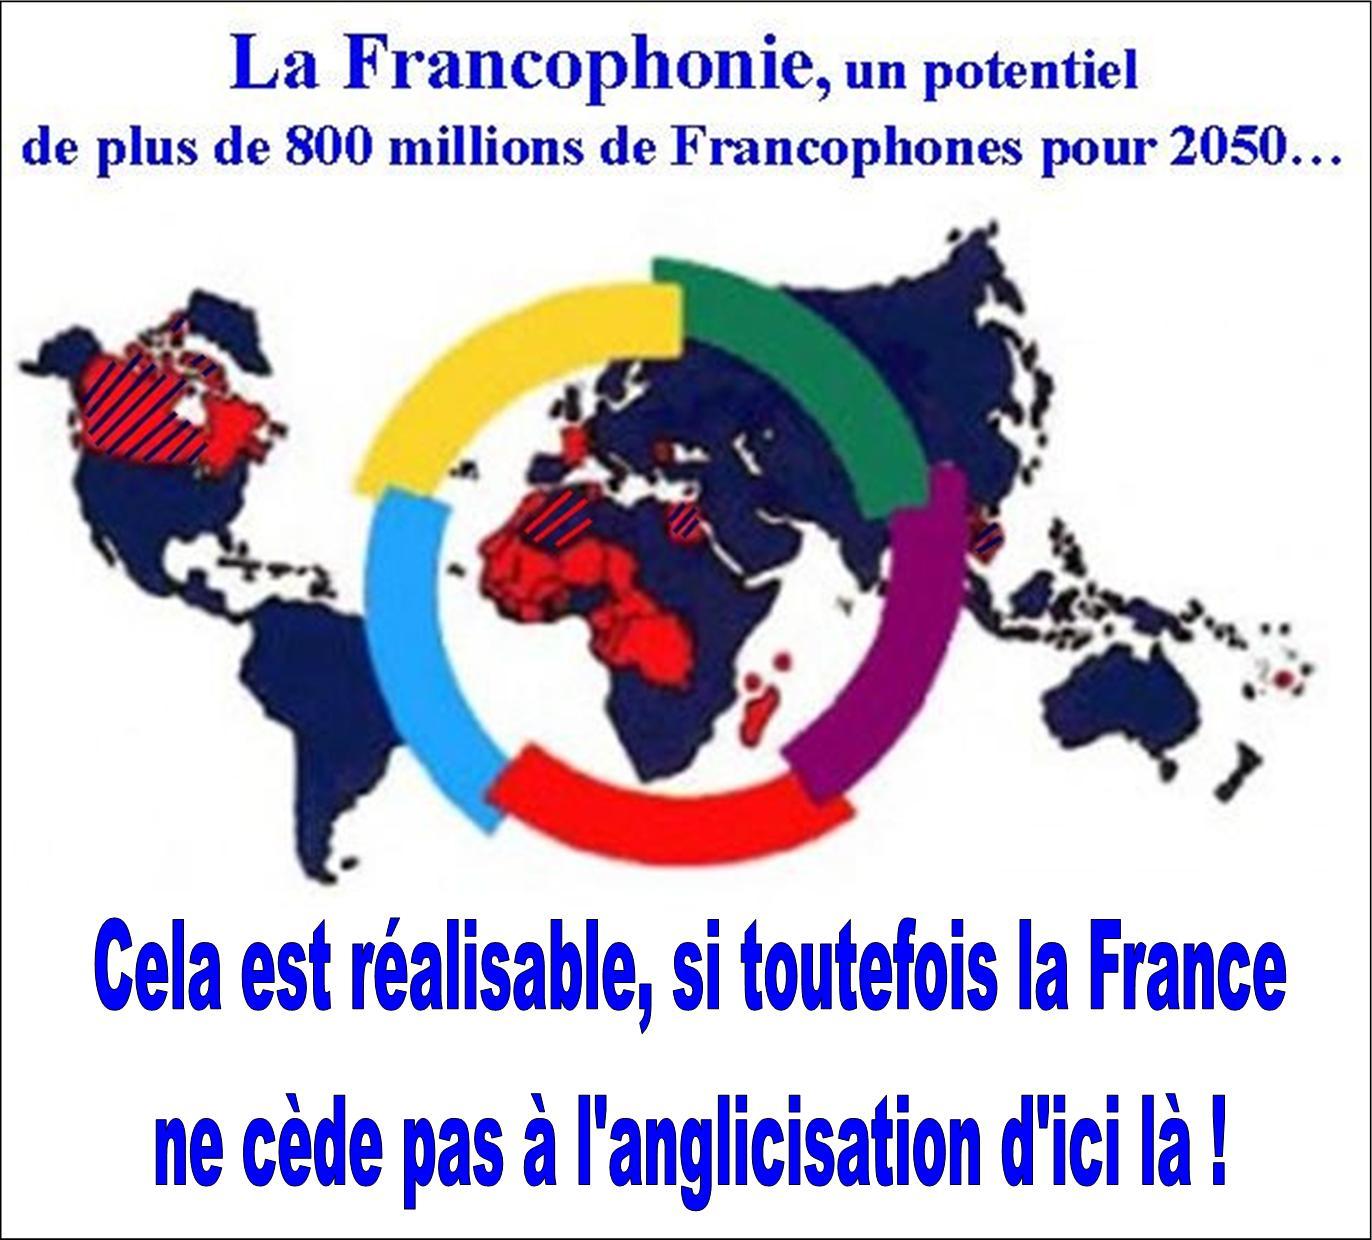 La Francophonie face à l'anglofolie de la France